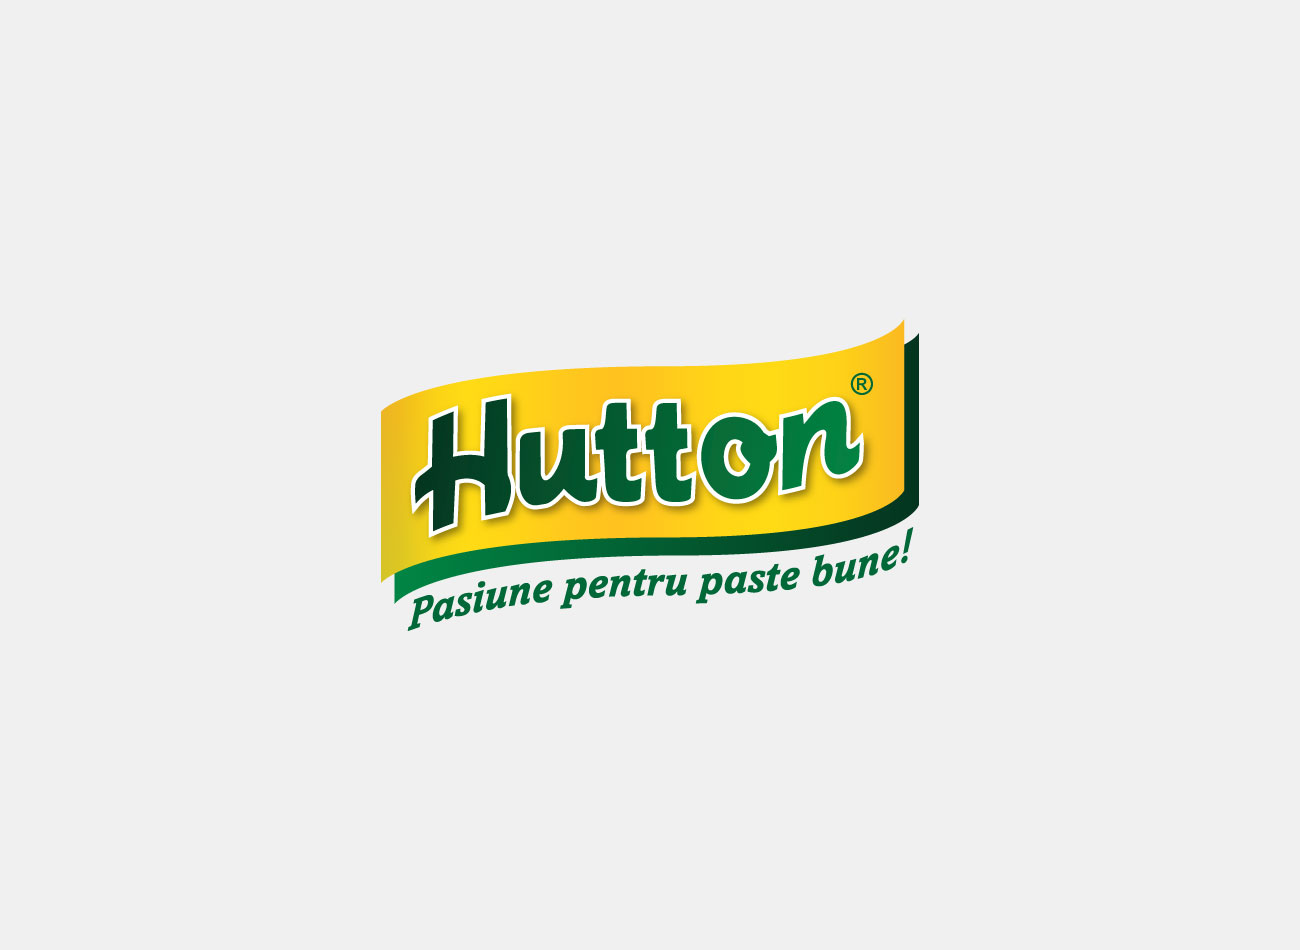 Hutton Logo Design